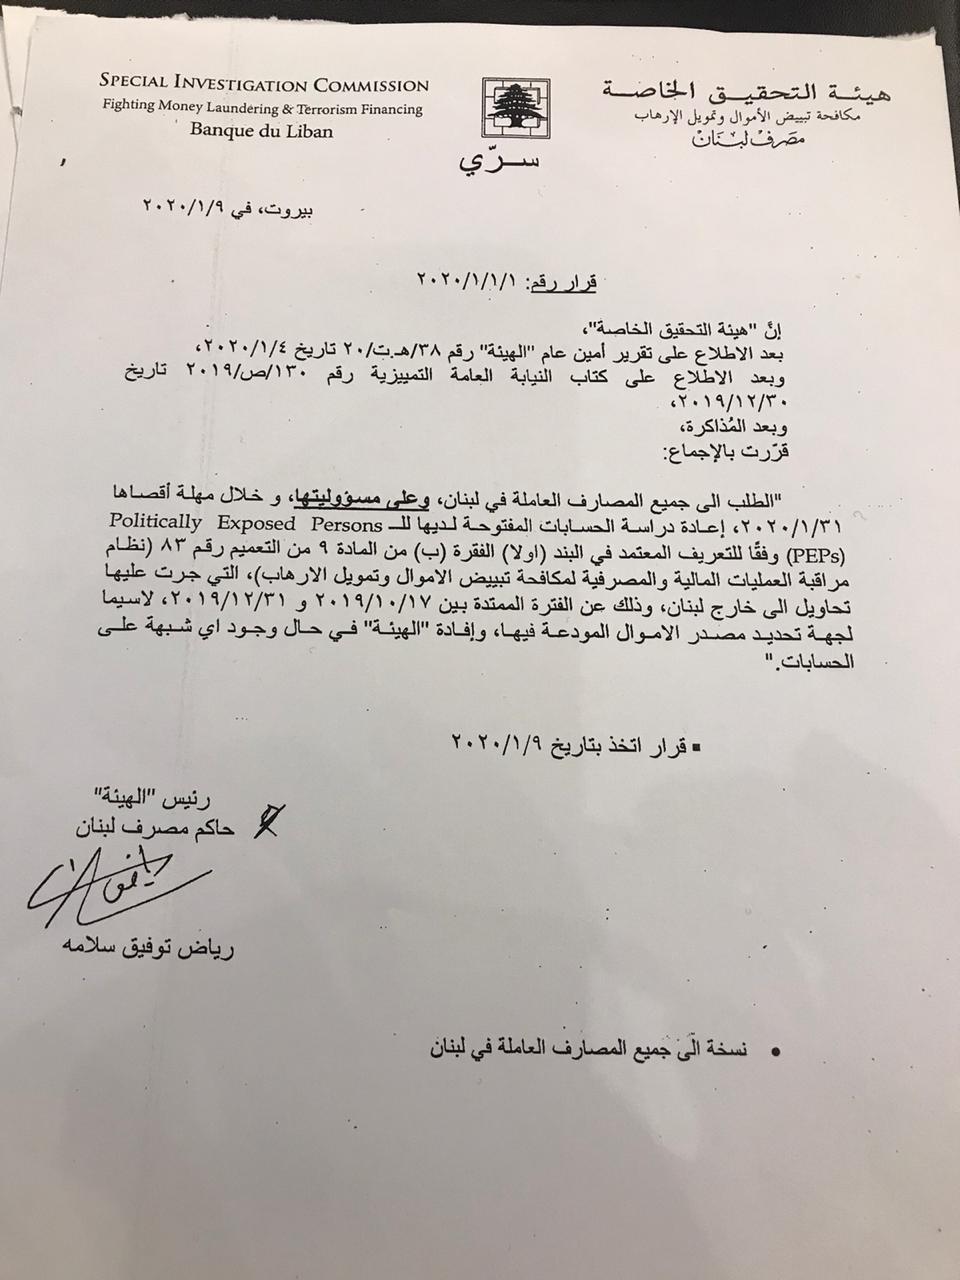 La lettre de la Banque du Liban adressée aux banques libanaises demandant l'examen des comptes des personnes exposées politiquement.